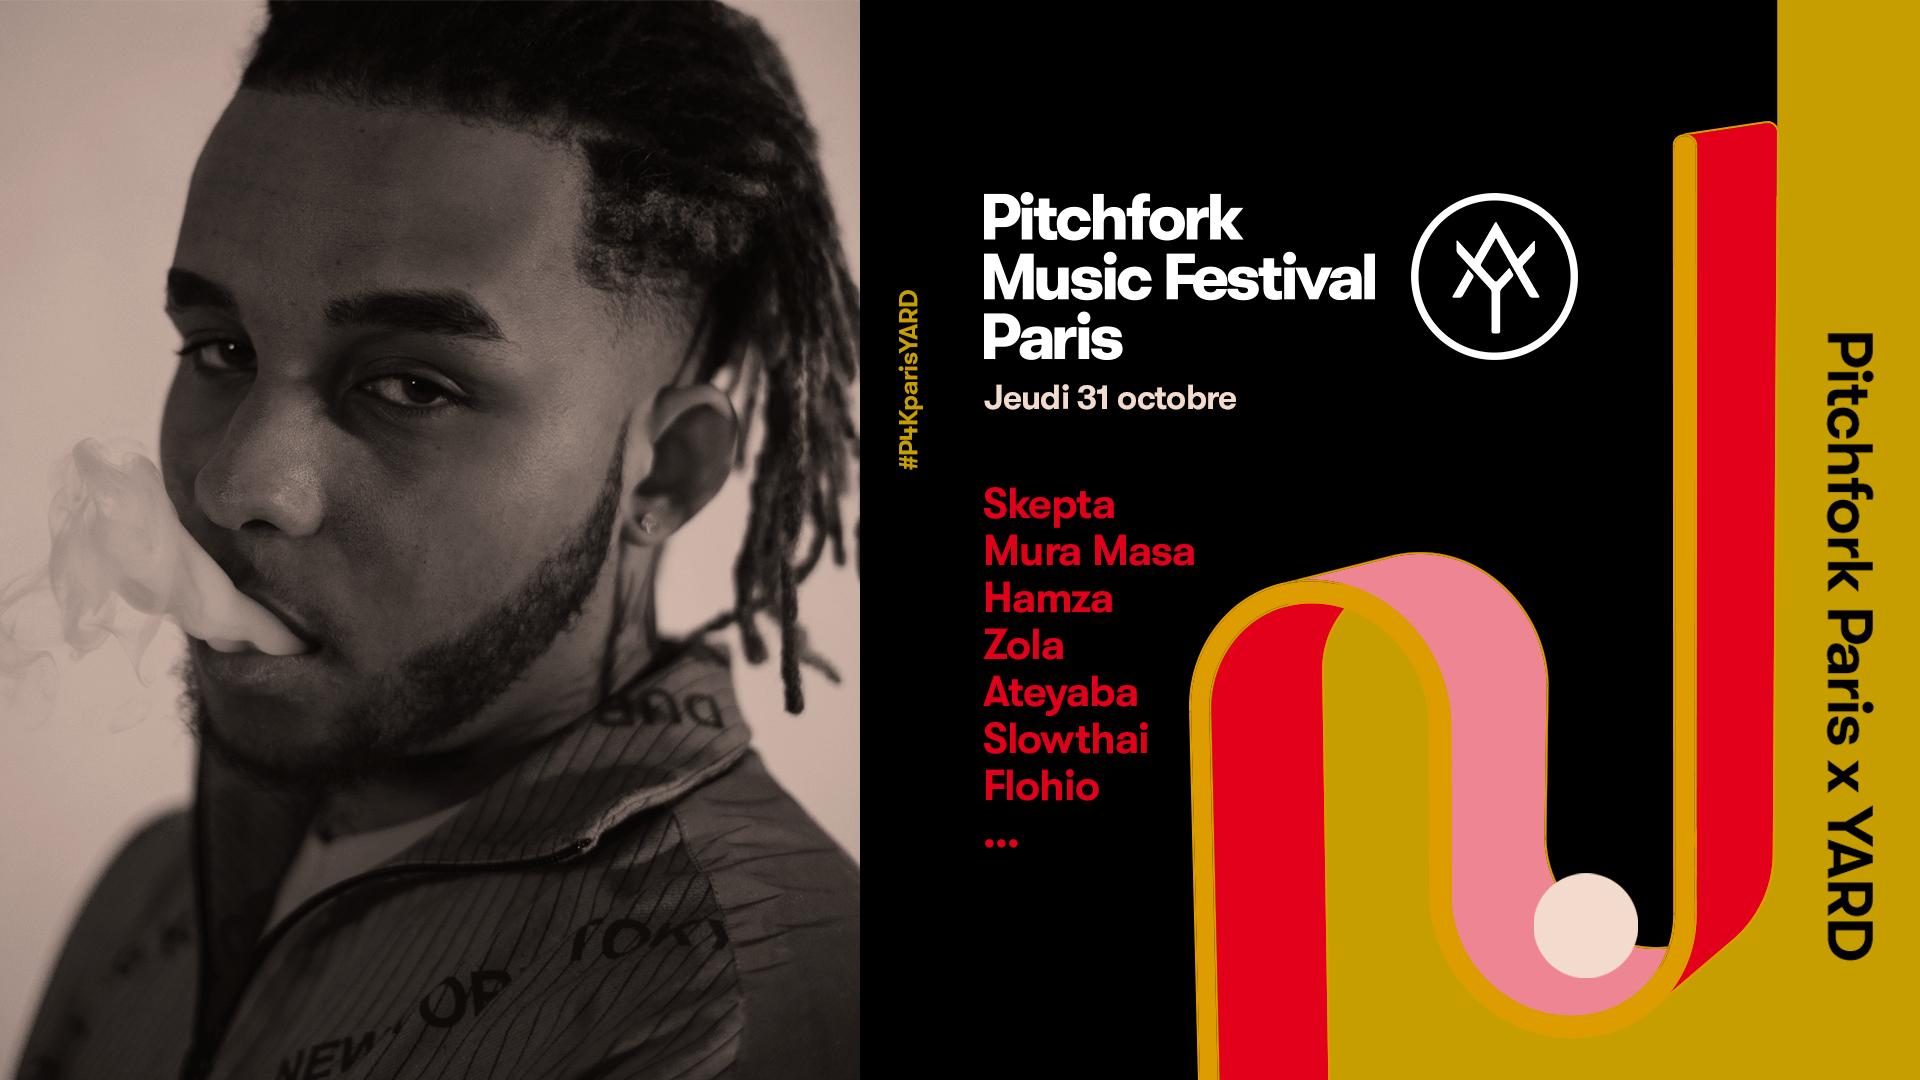 yard-pitchfork-festival-paris-zola-annonce-billet